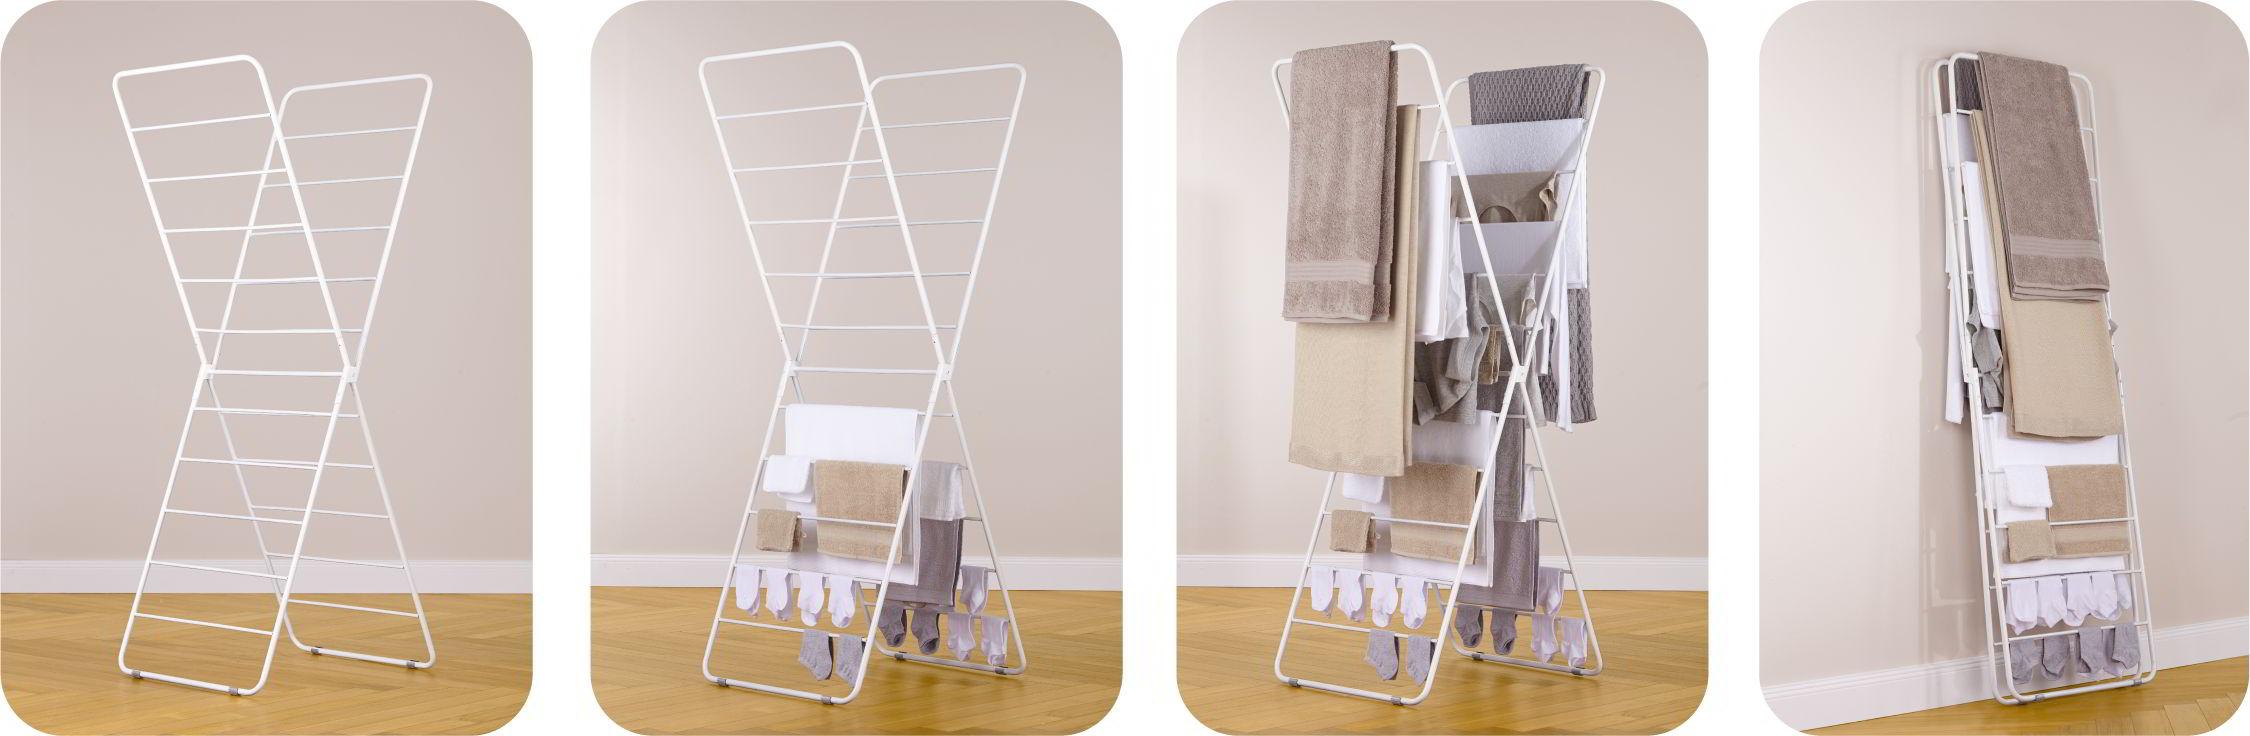 X-Dryer Wäscheständer, die einzelnen Stufen